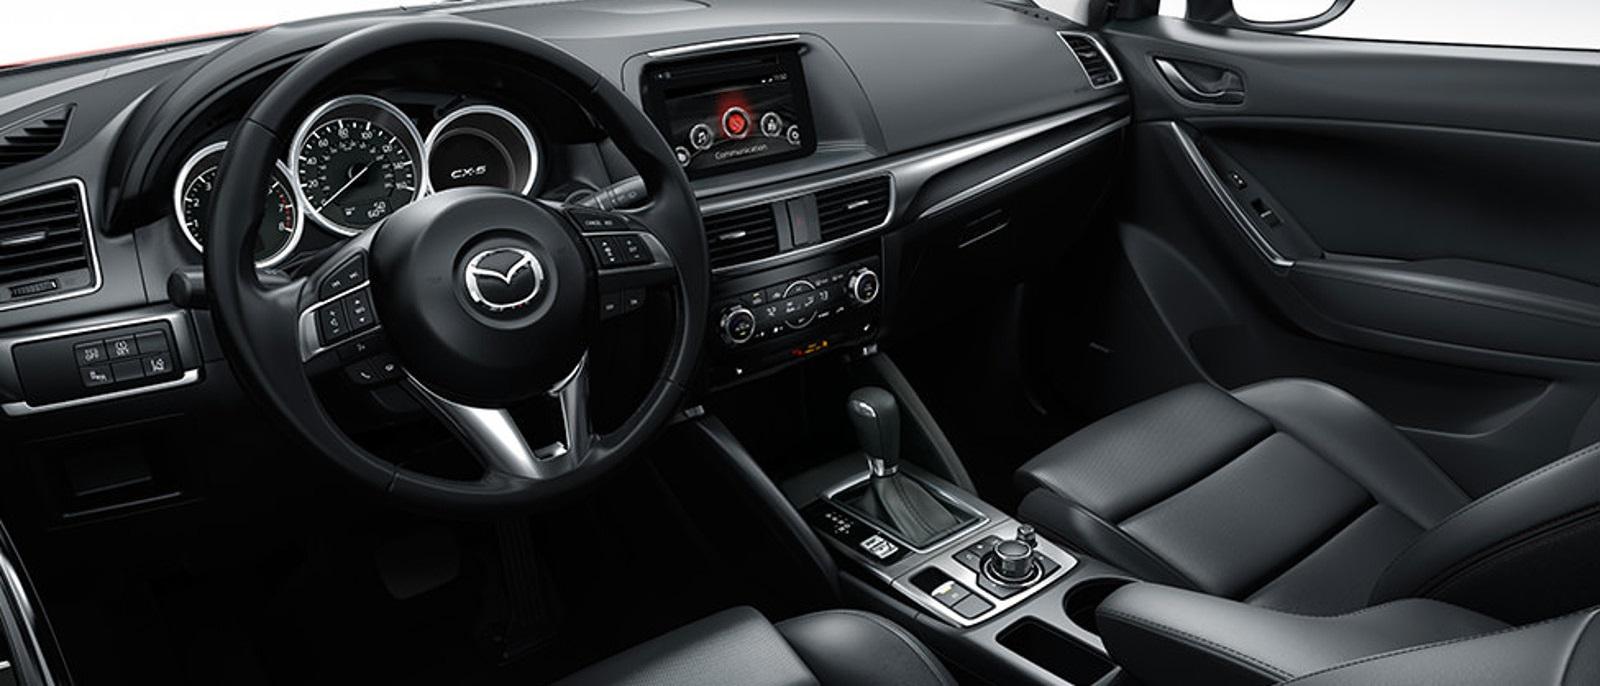 2016 Mazda CX 5 Interior ...